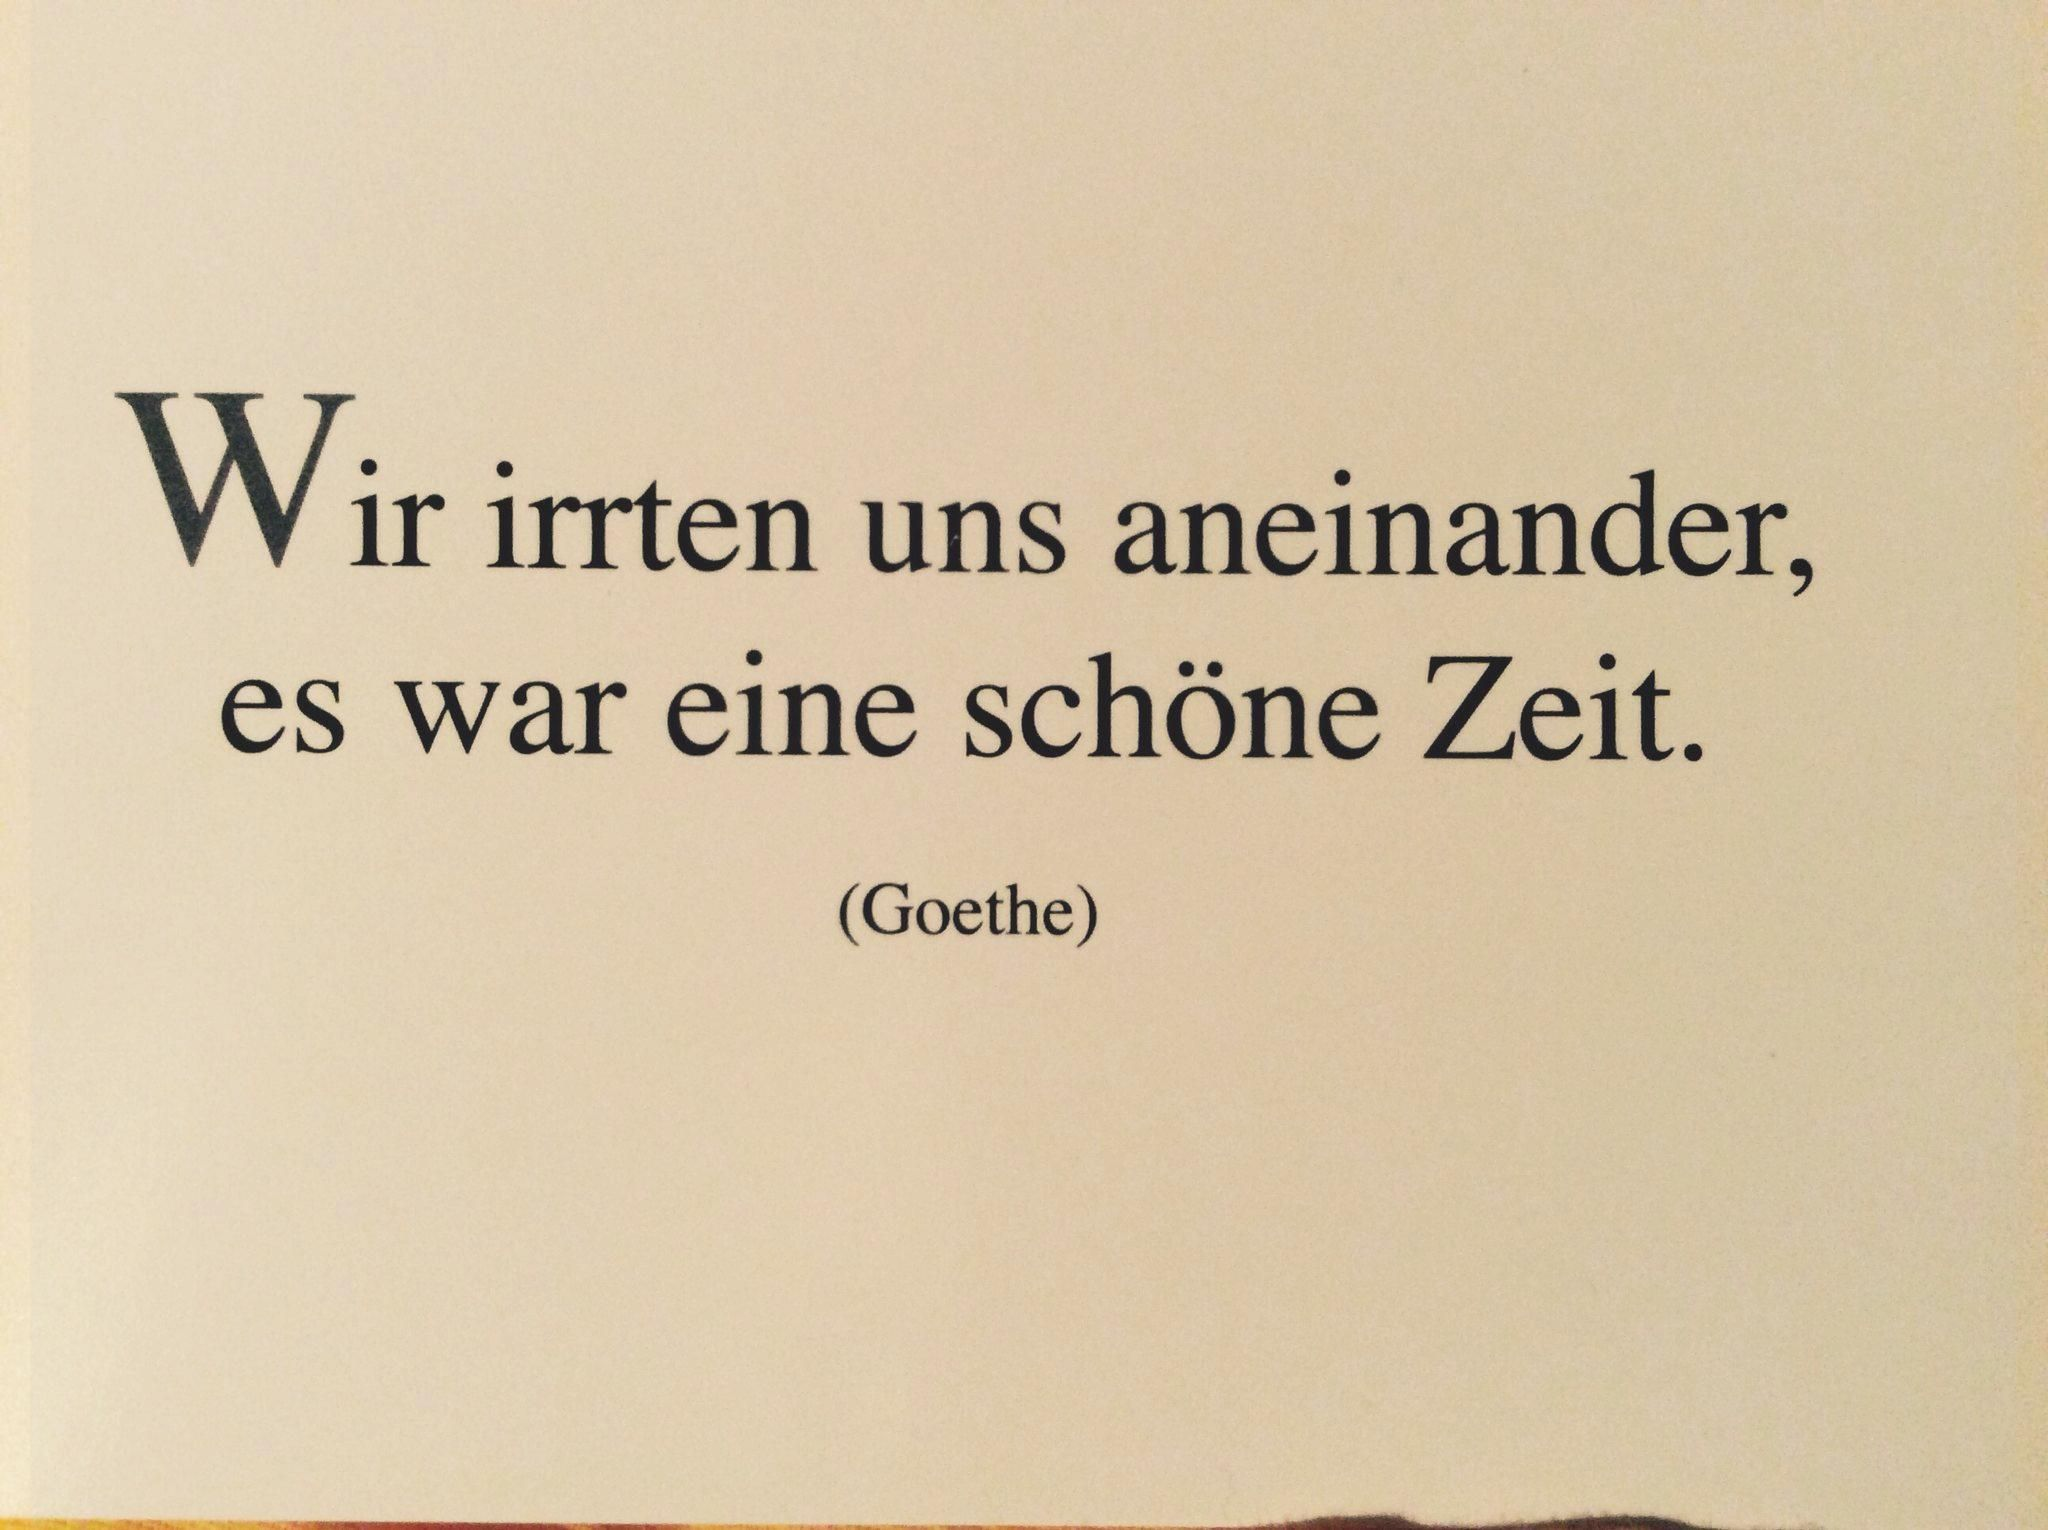 #aneinander #fitness #Goethe #irrten #Postkarte #schöner #Spruch #uns #Wien #wir Wir irrten uns anei...